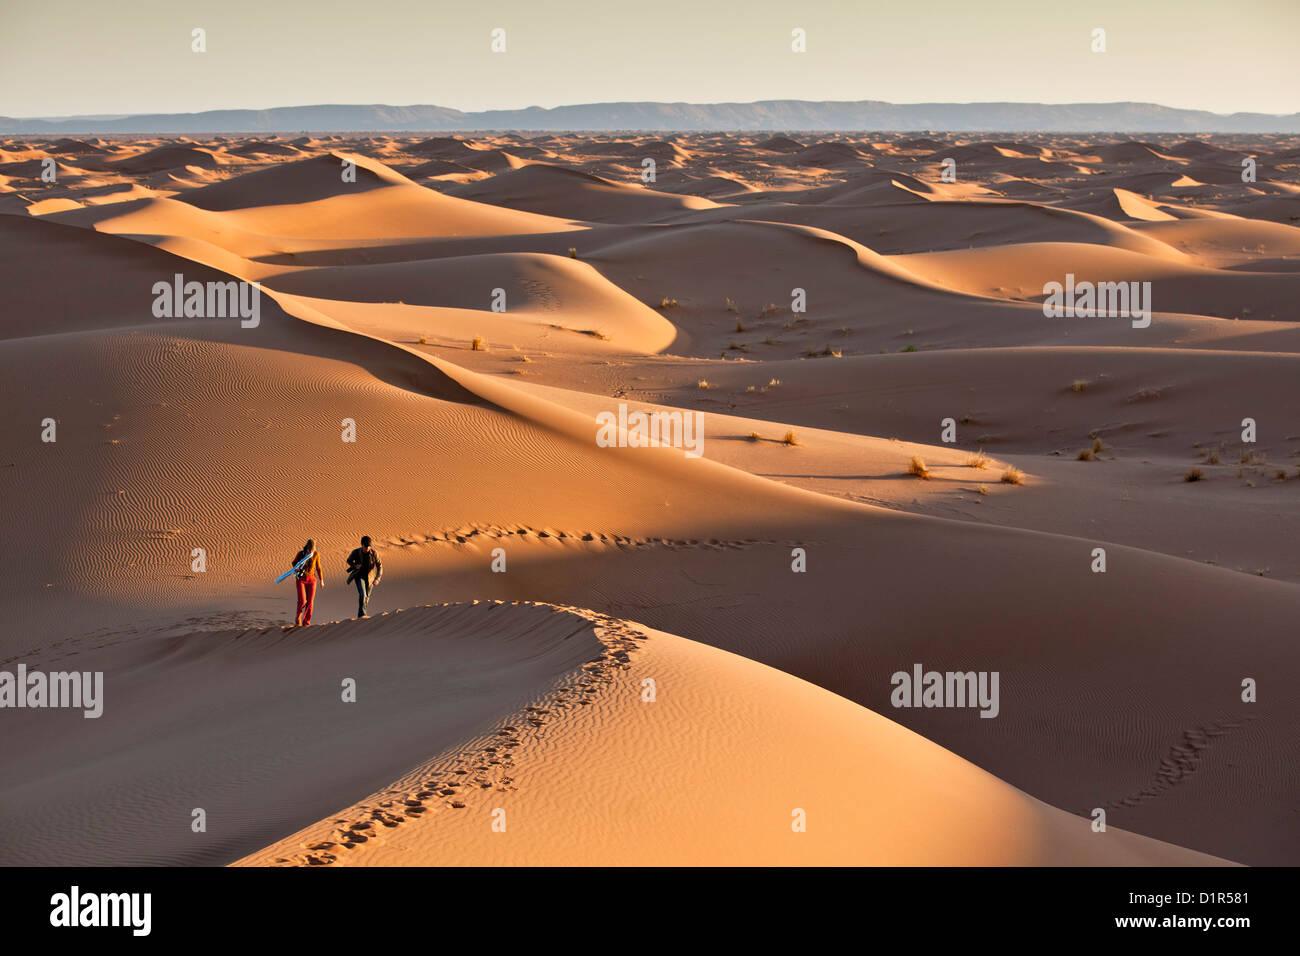 Le Maroc, M'Hamid, Erg Chigaga dunes de sable. Désert du Sahara. Les touristes sur dune de sable. Photo Stock